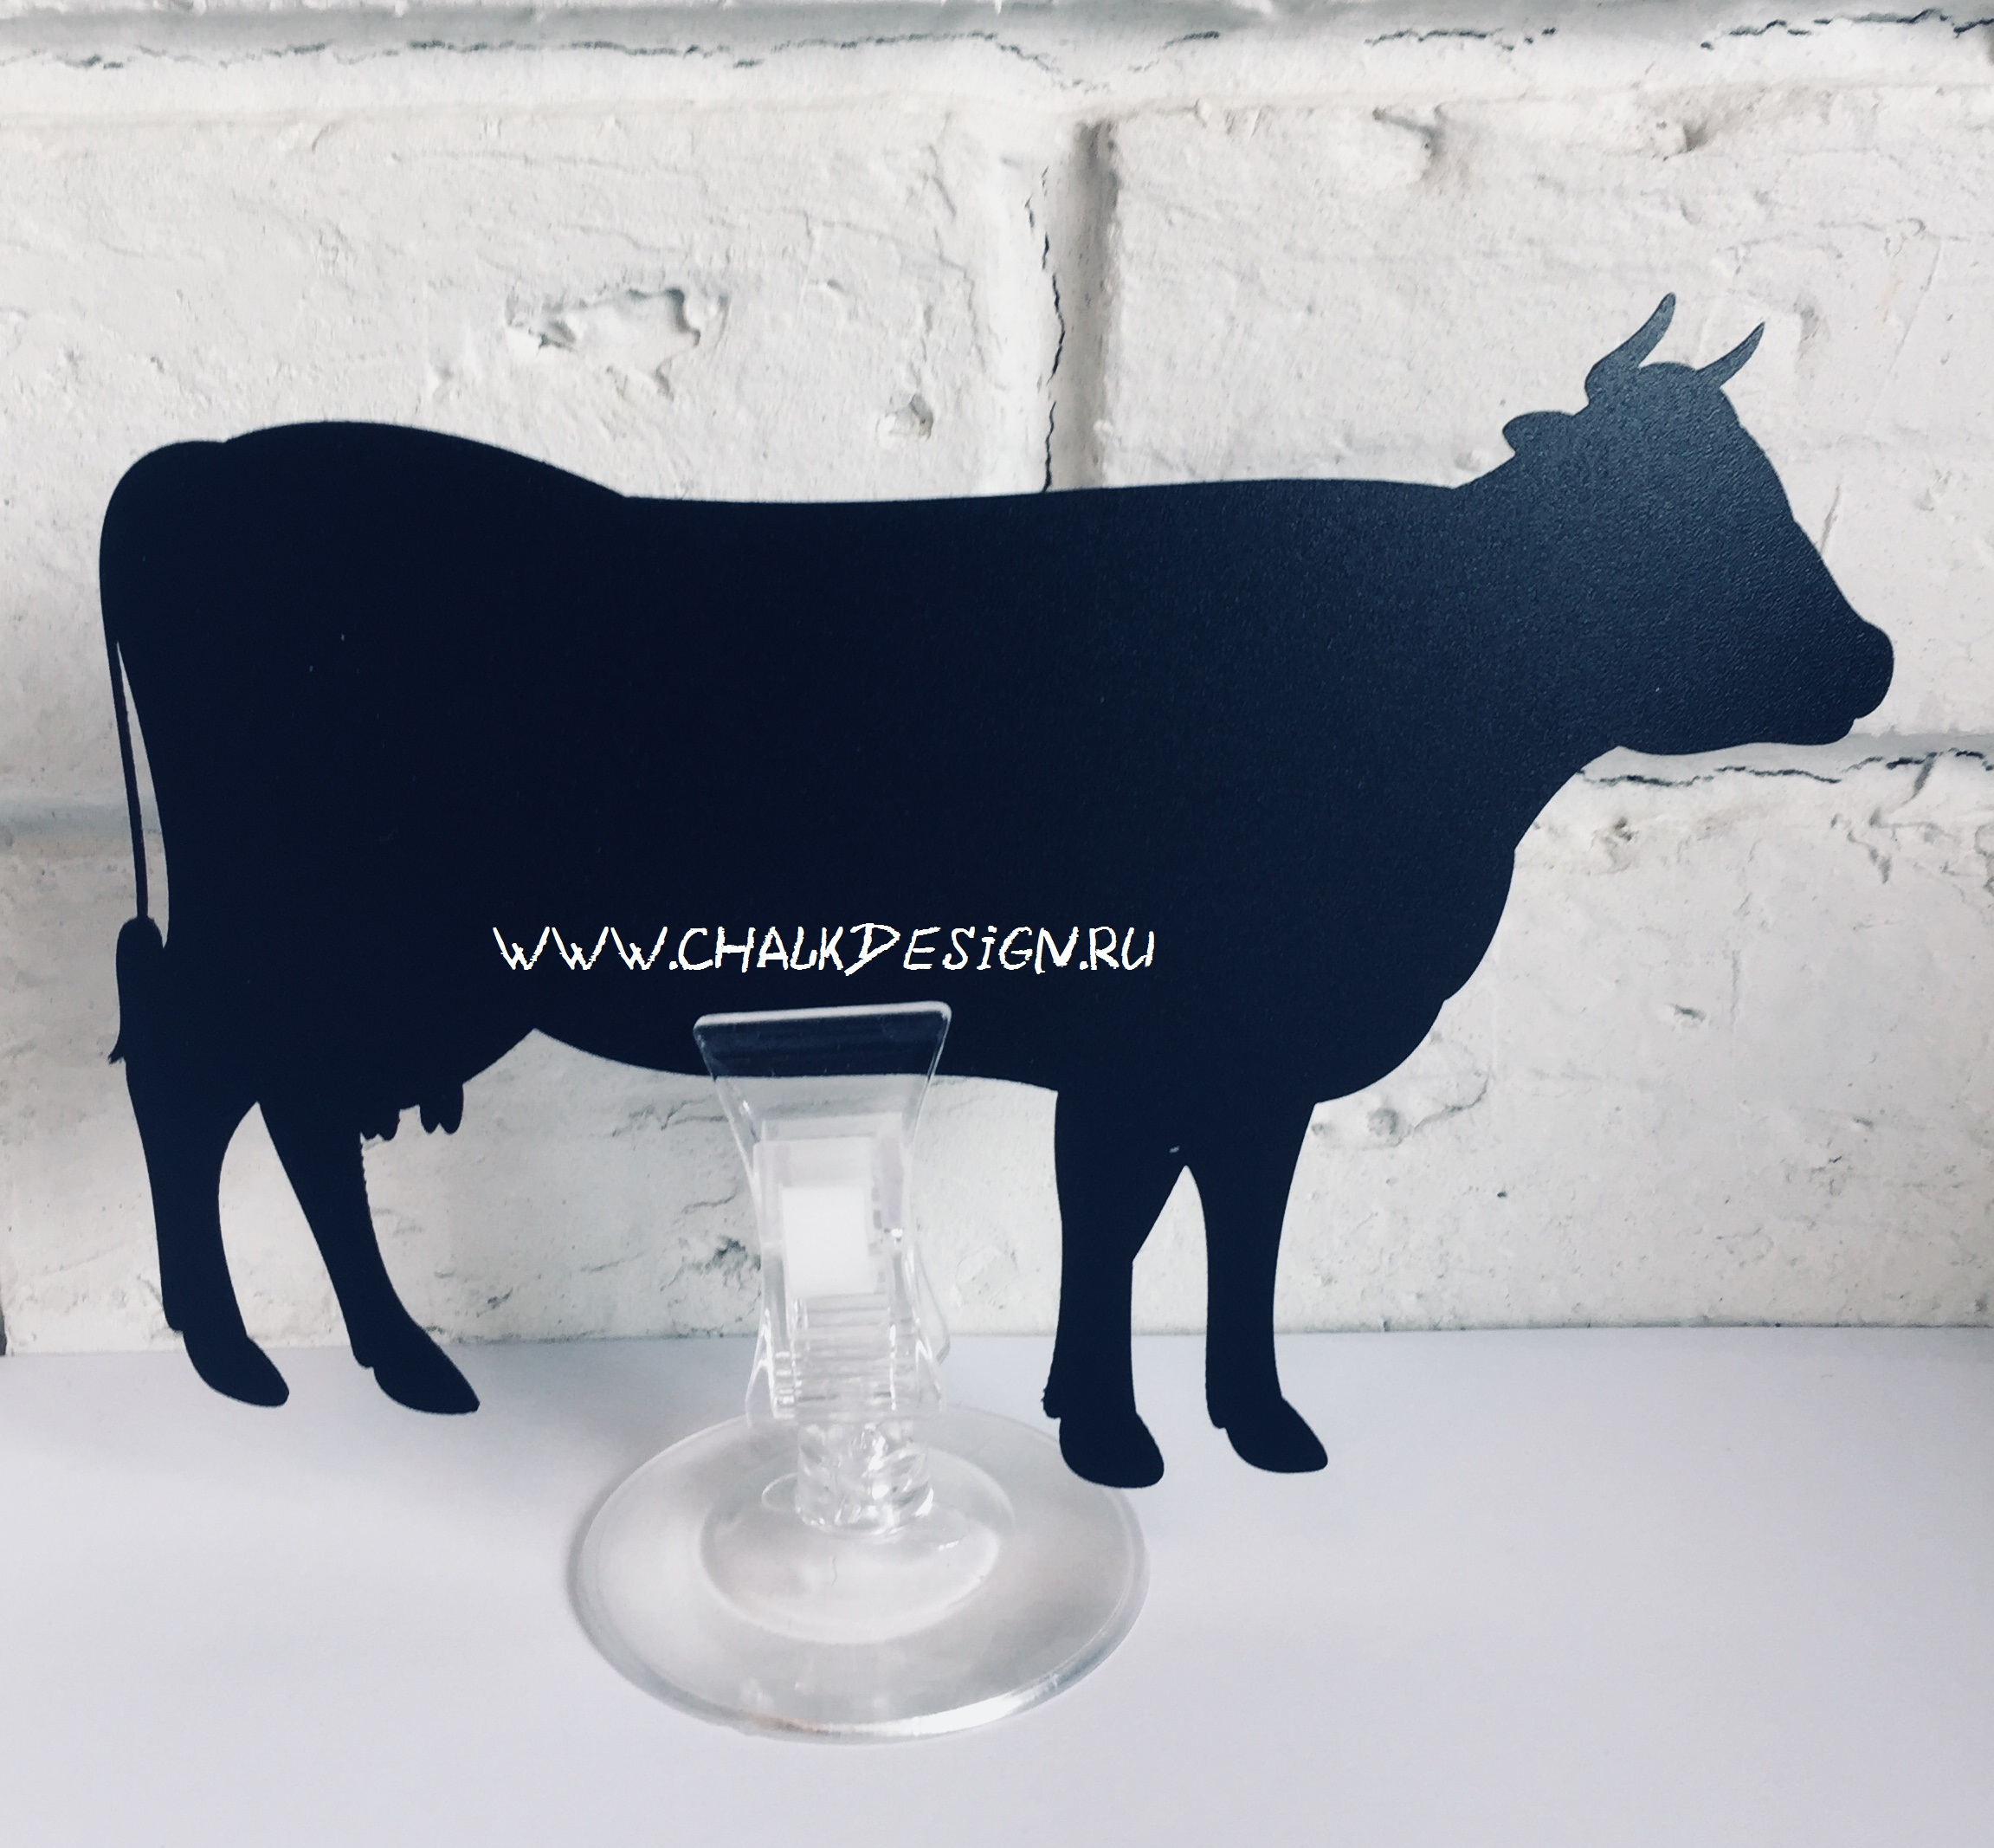 Меловой ценник Корова.jpg